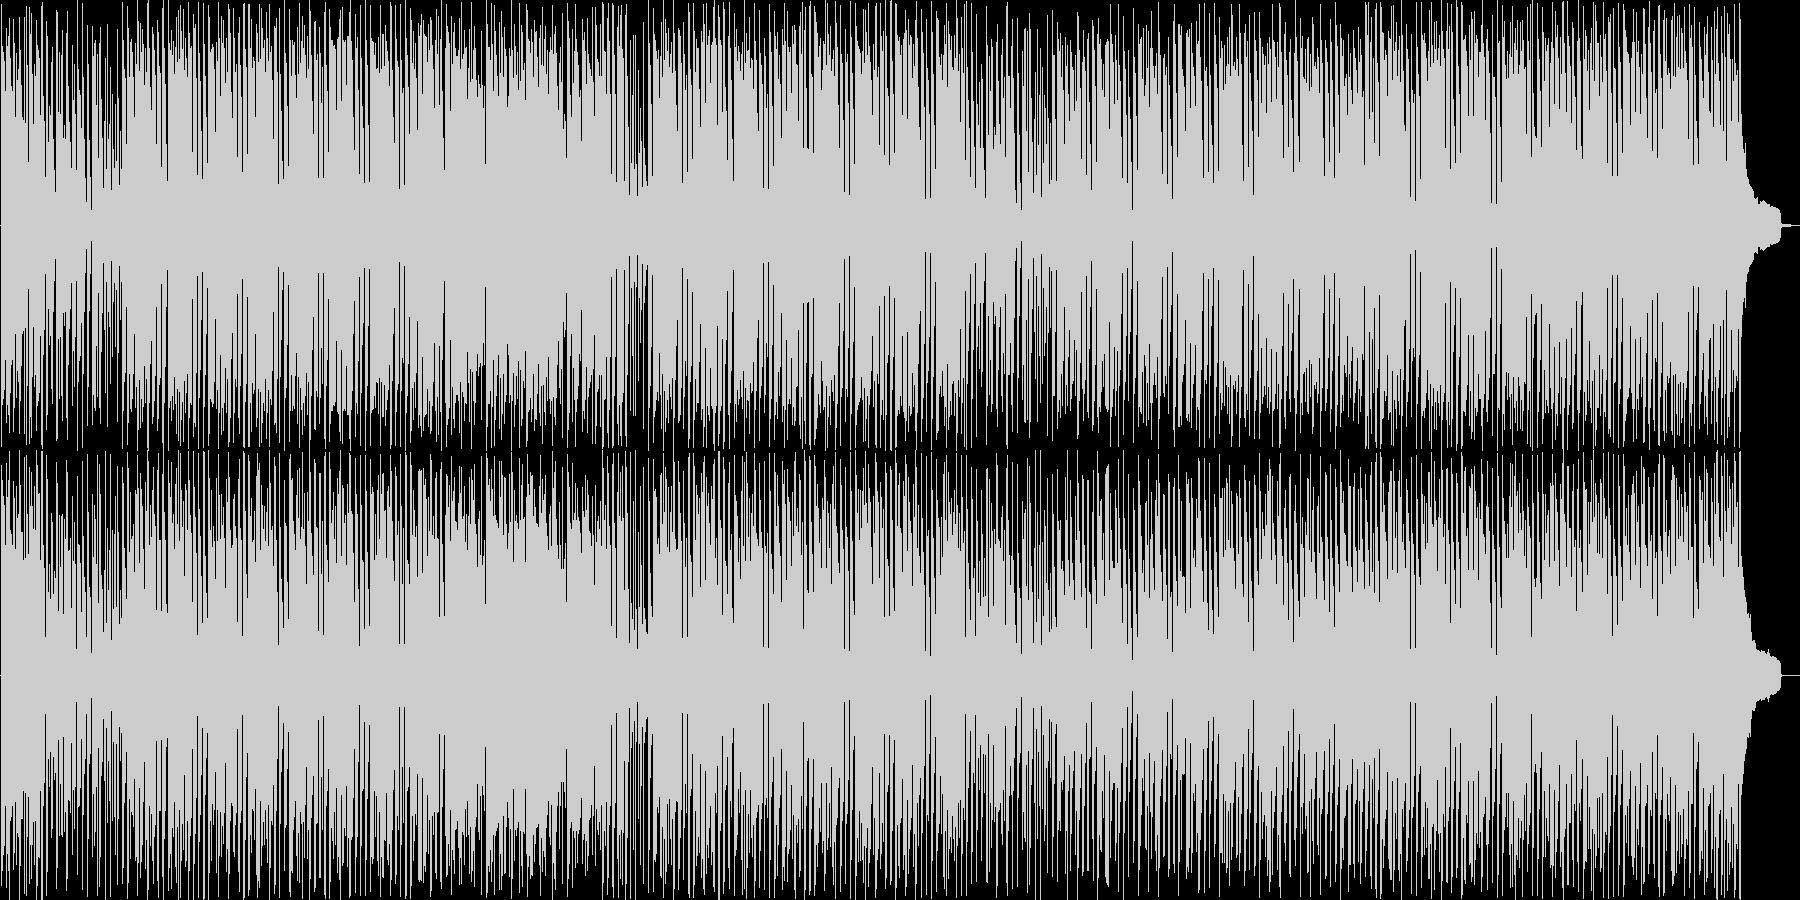 明るいハッピーなアコースティックBGM!の未再生の波形